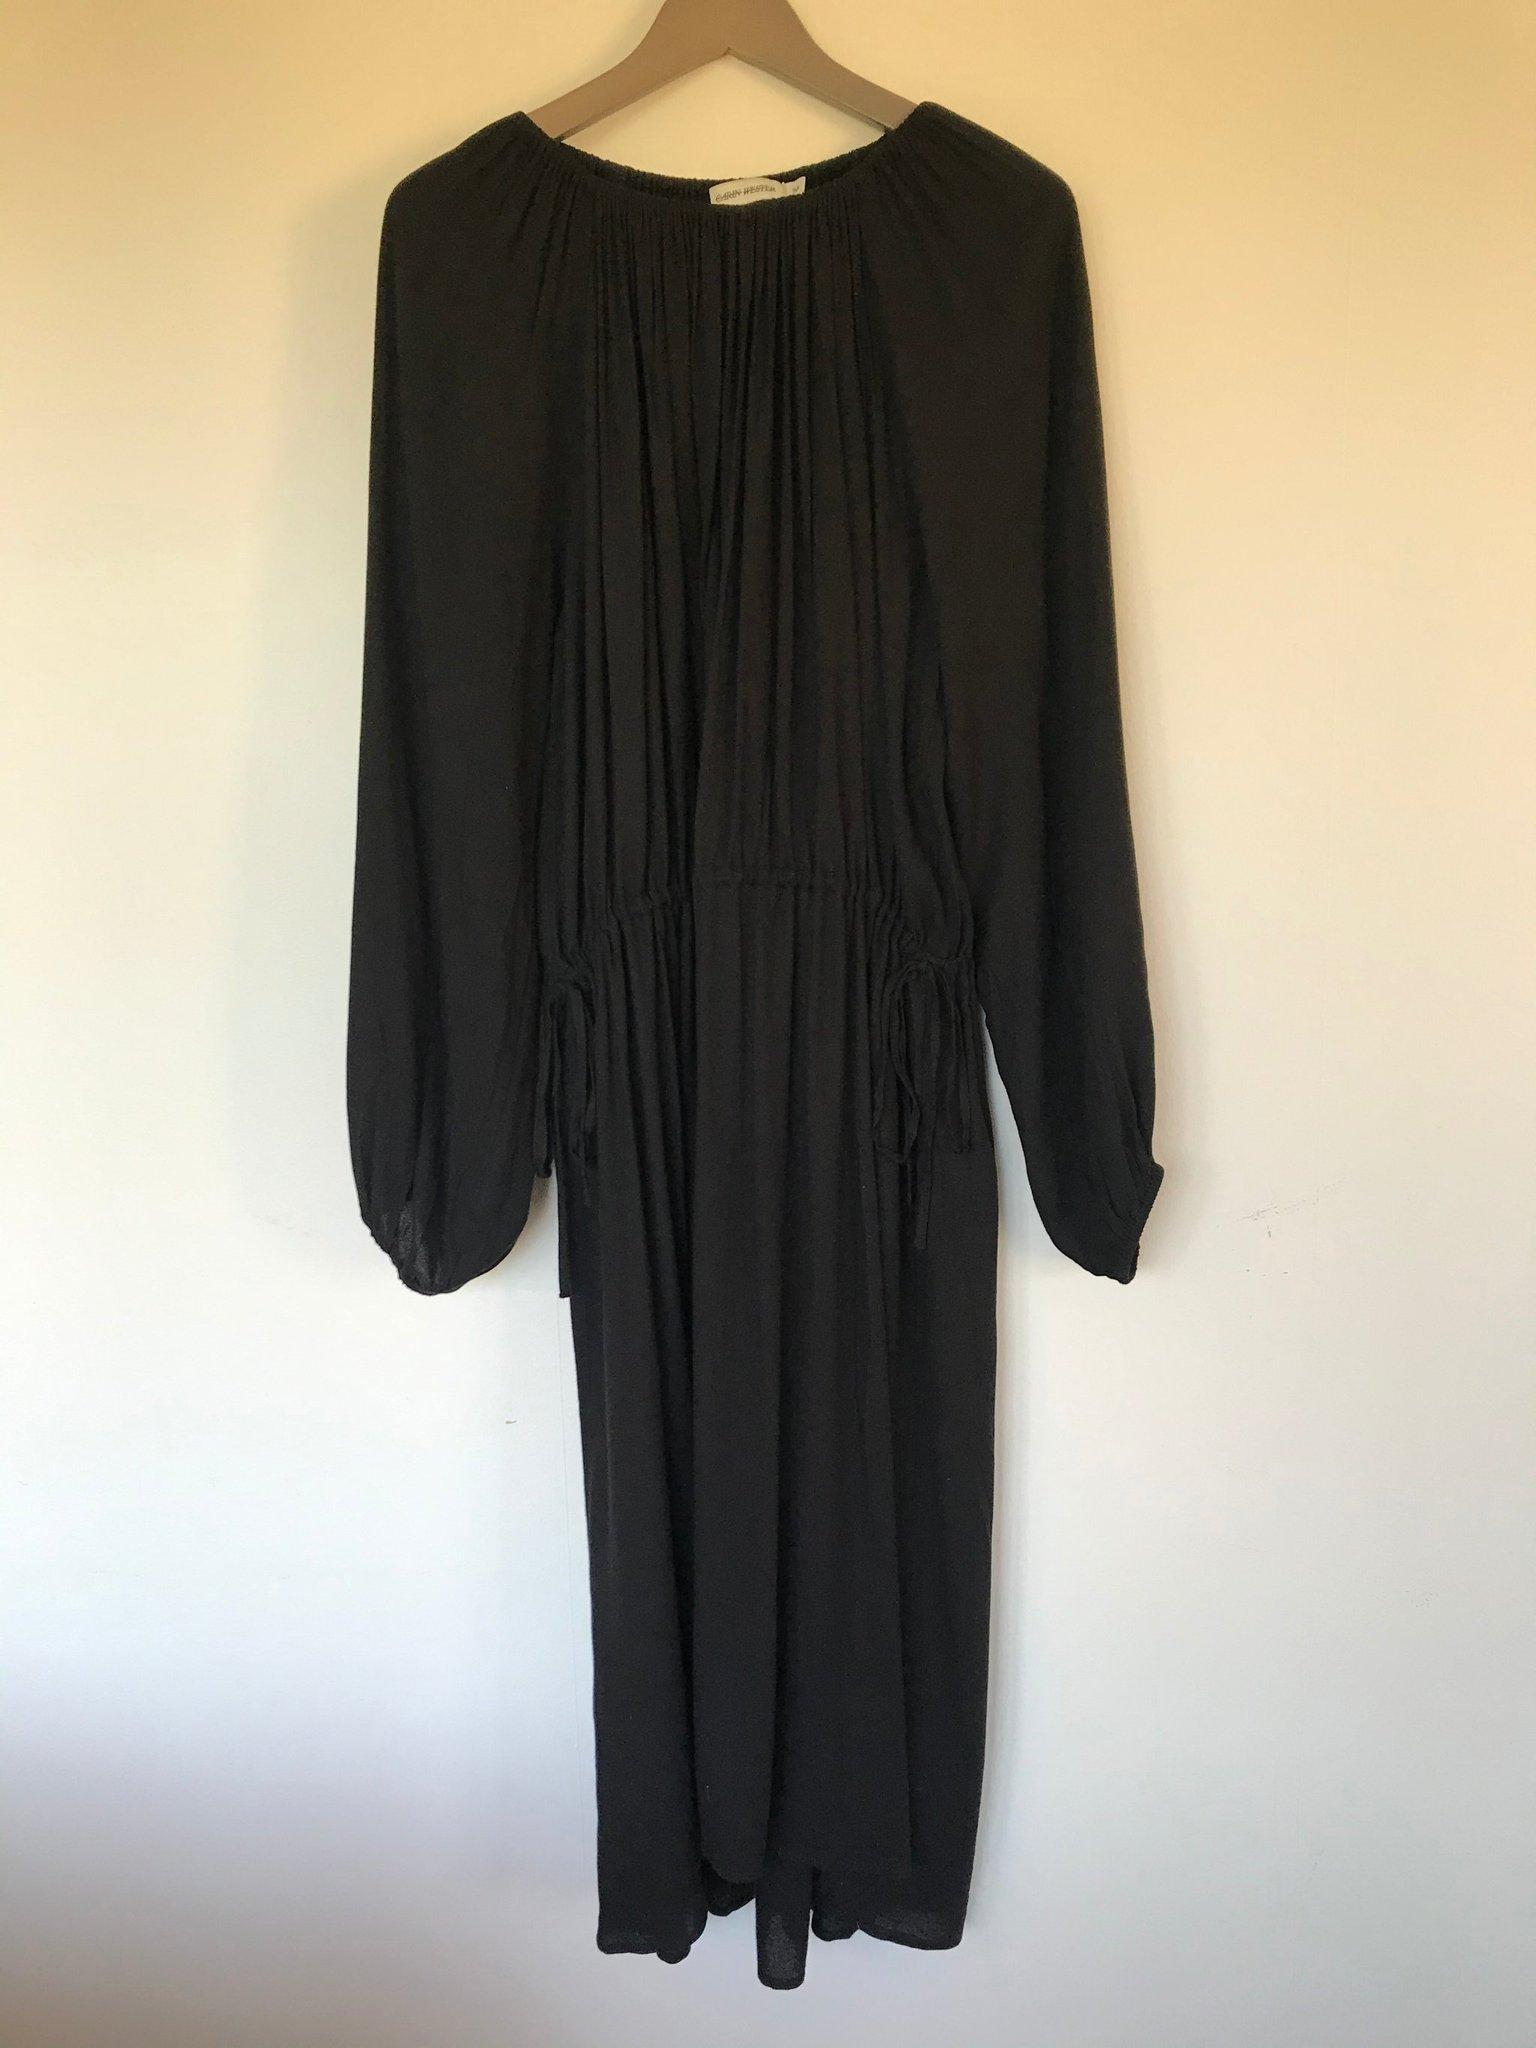 Svart klänning med knyt i midjan, puffärm och o.. (399630195